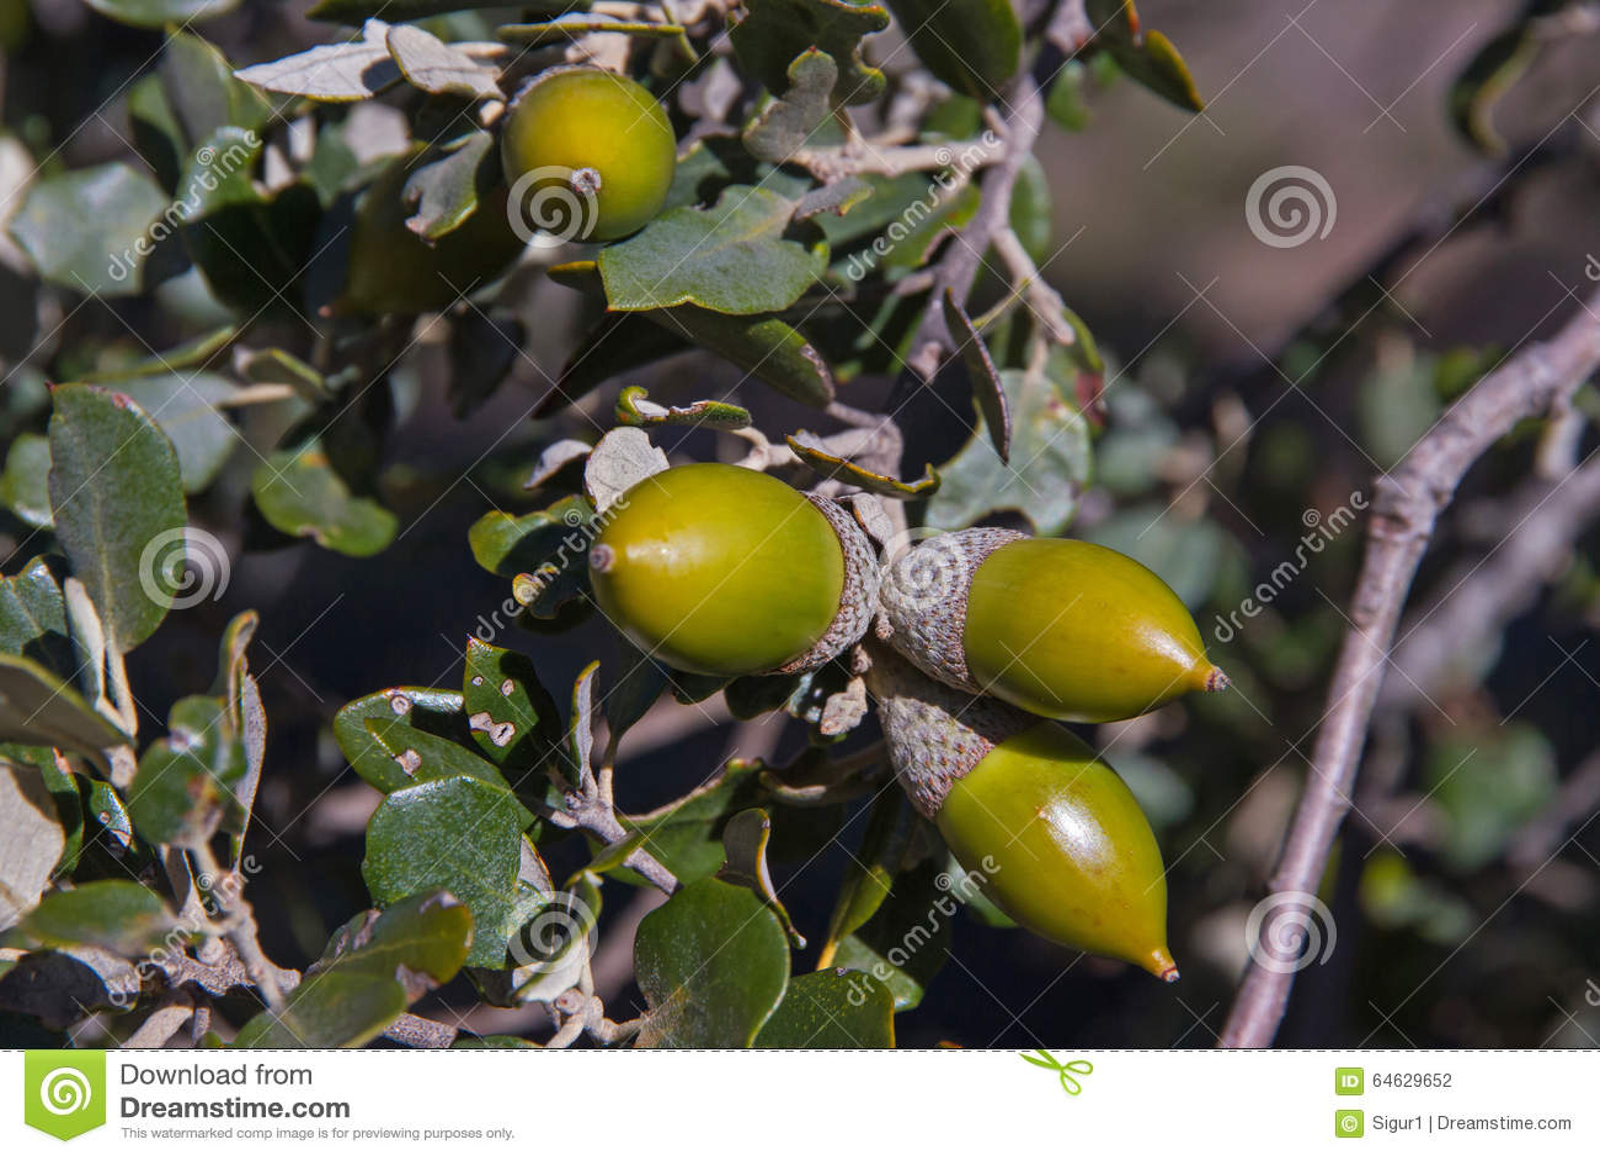 圣栎树橡子 库存照片 - 图片: 64629652